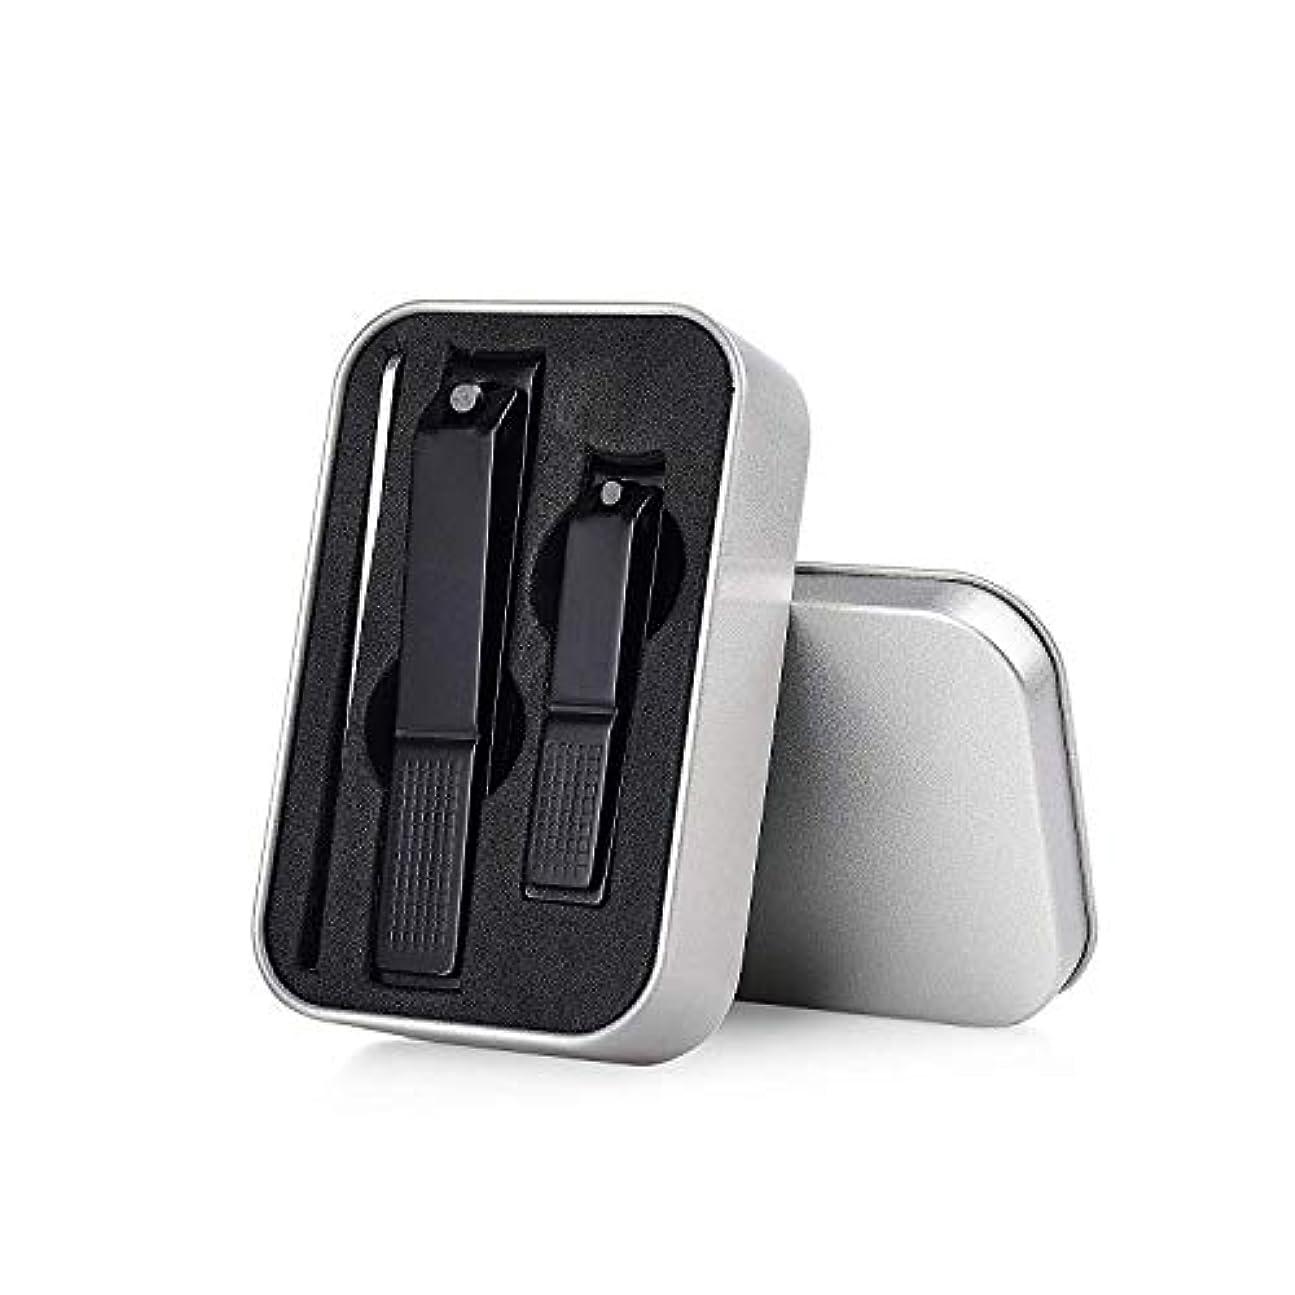 利点衝突する春爪&爪+爪やすり(クリーナー)用3ピースネイルクリッパーキット(トラベルケース付き)-シャープネイルカッターセット、満足度100%返金保証